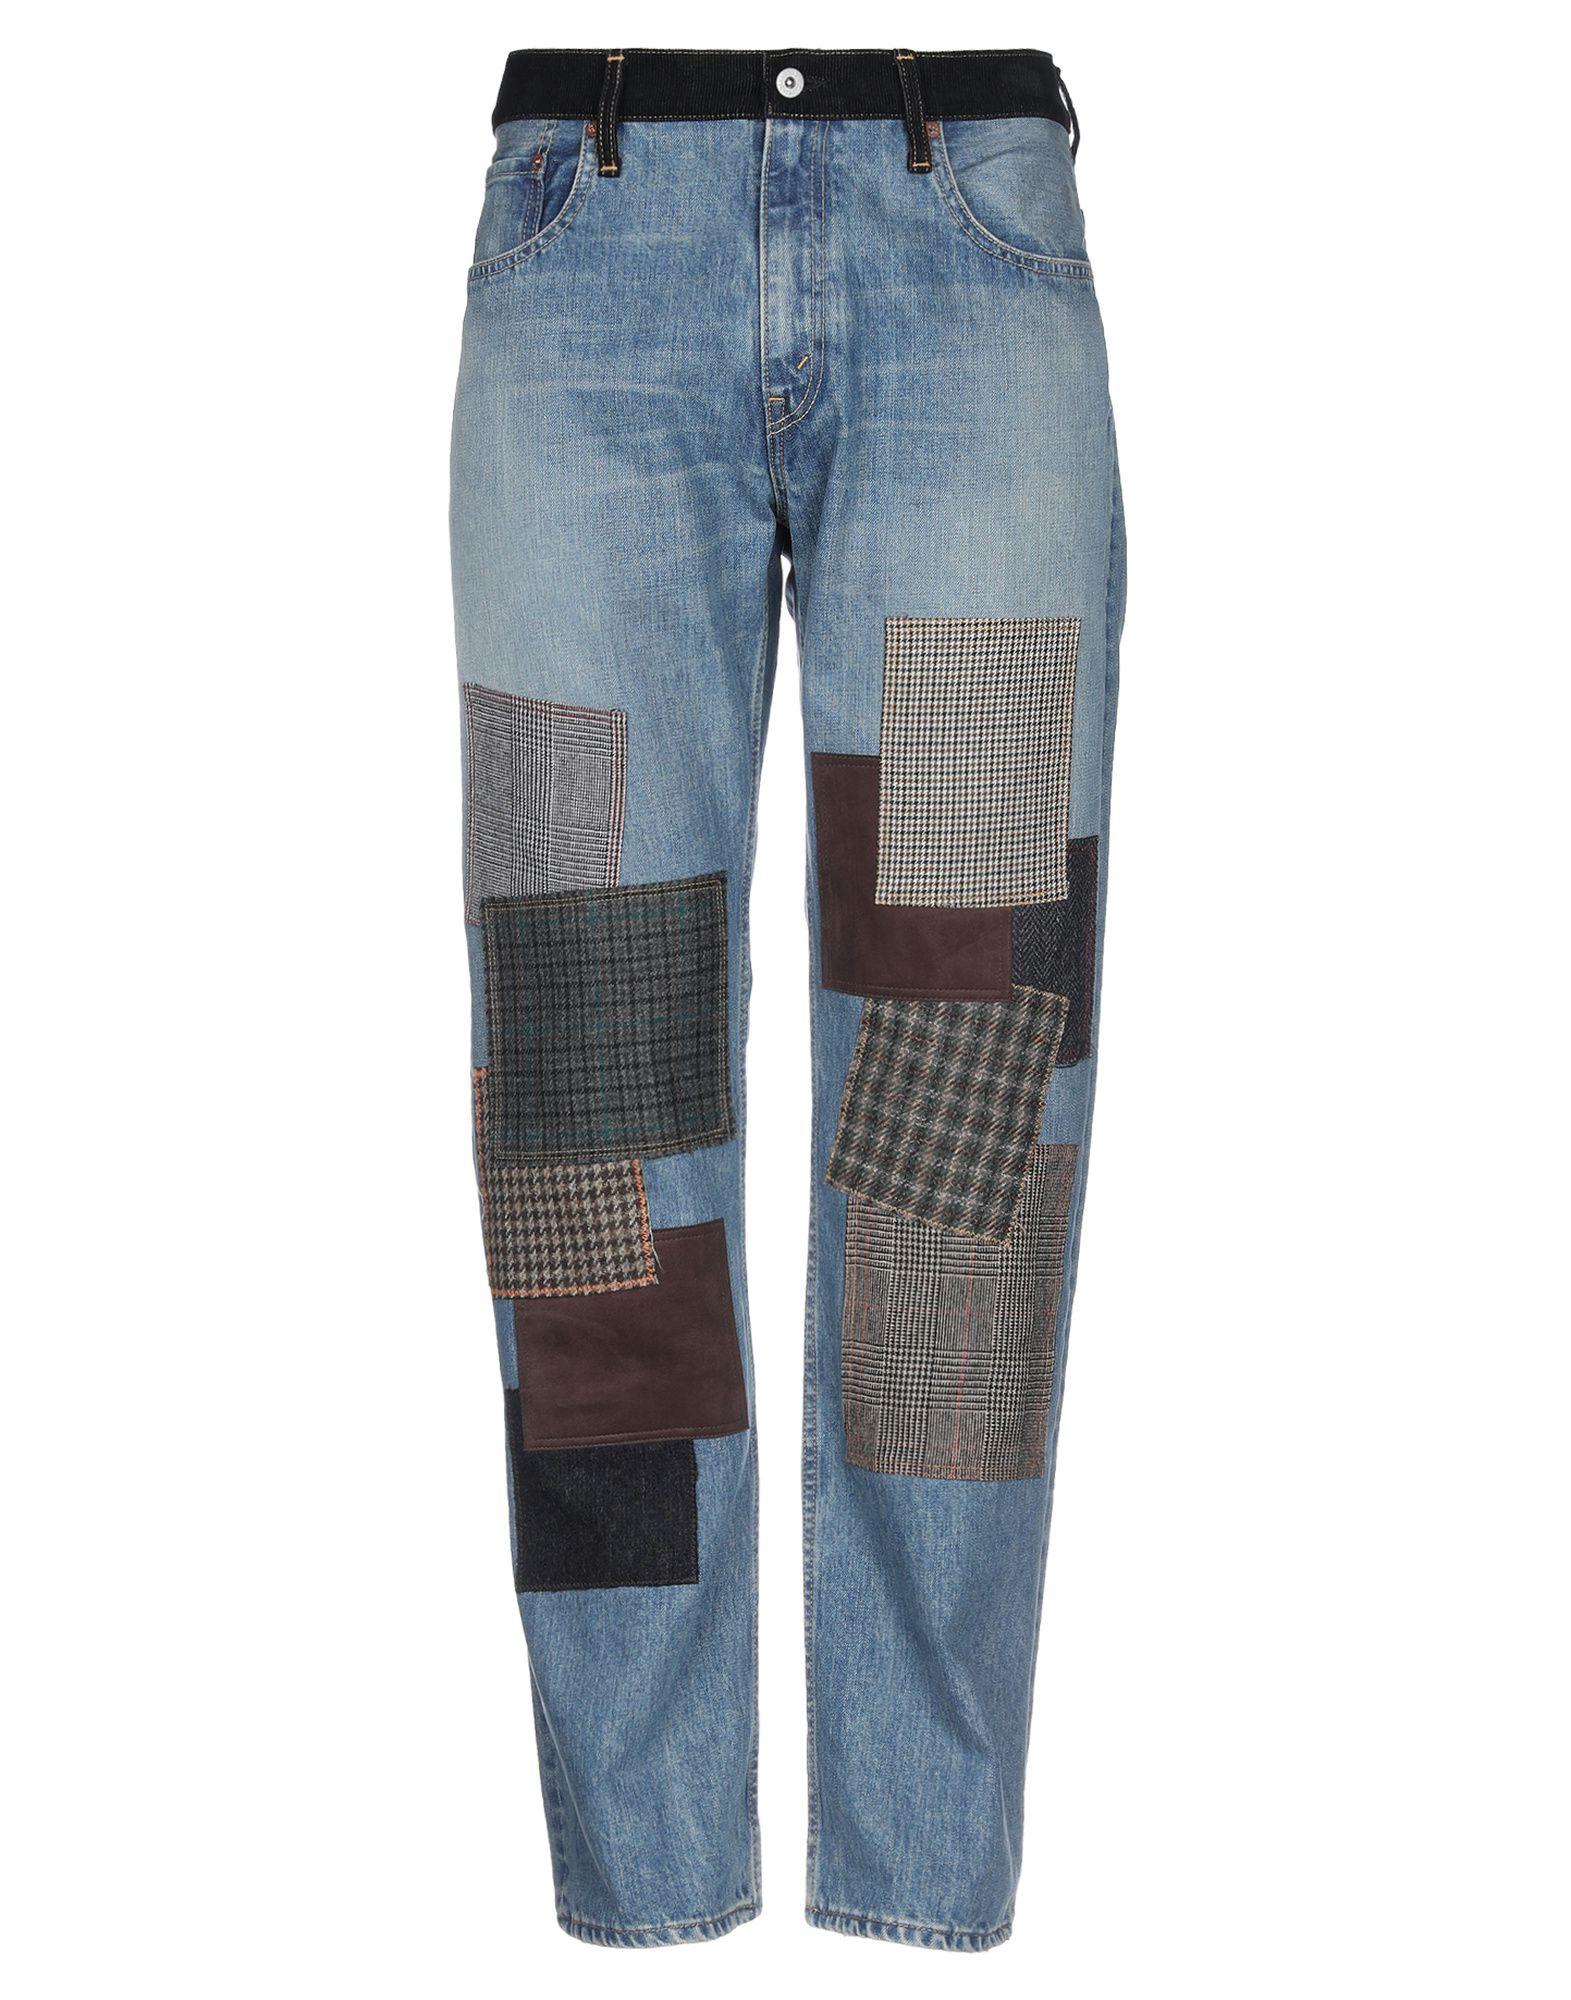 JUNYA WATANABE COMME des GARÇONS MAN X LEVI'S Джинсовые брюки junya watanabe бермуды